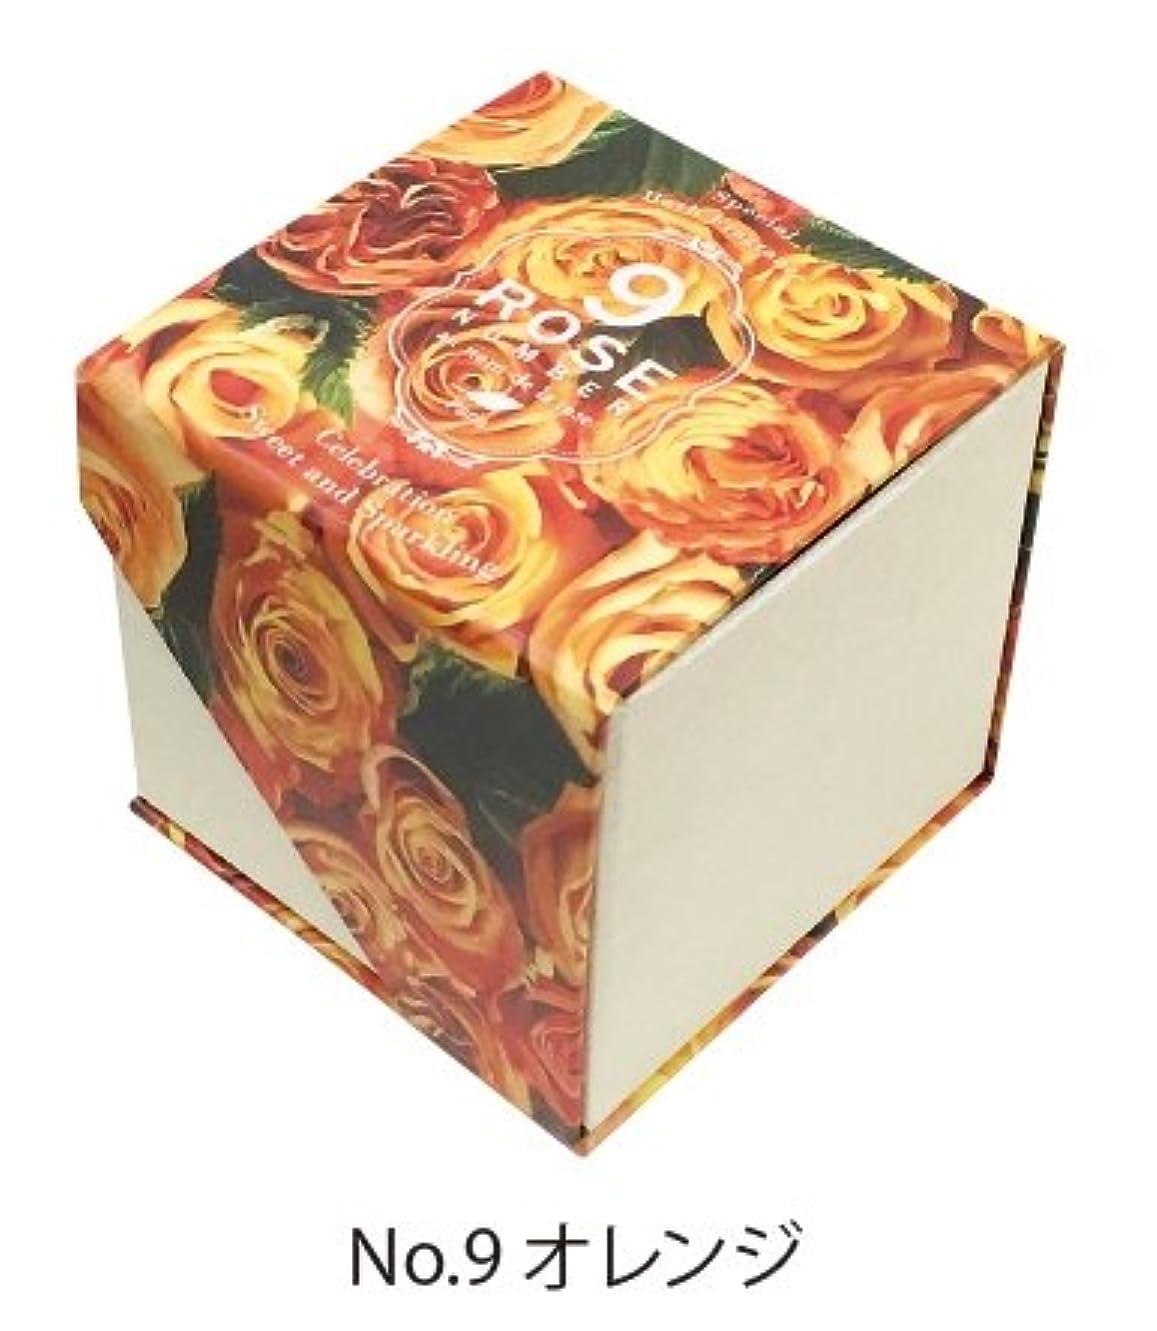 類人猿寝具みすぼらしい九州フラワーサービス(Kyushu Flower Service) 入浴剤 77280